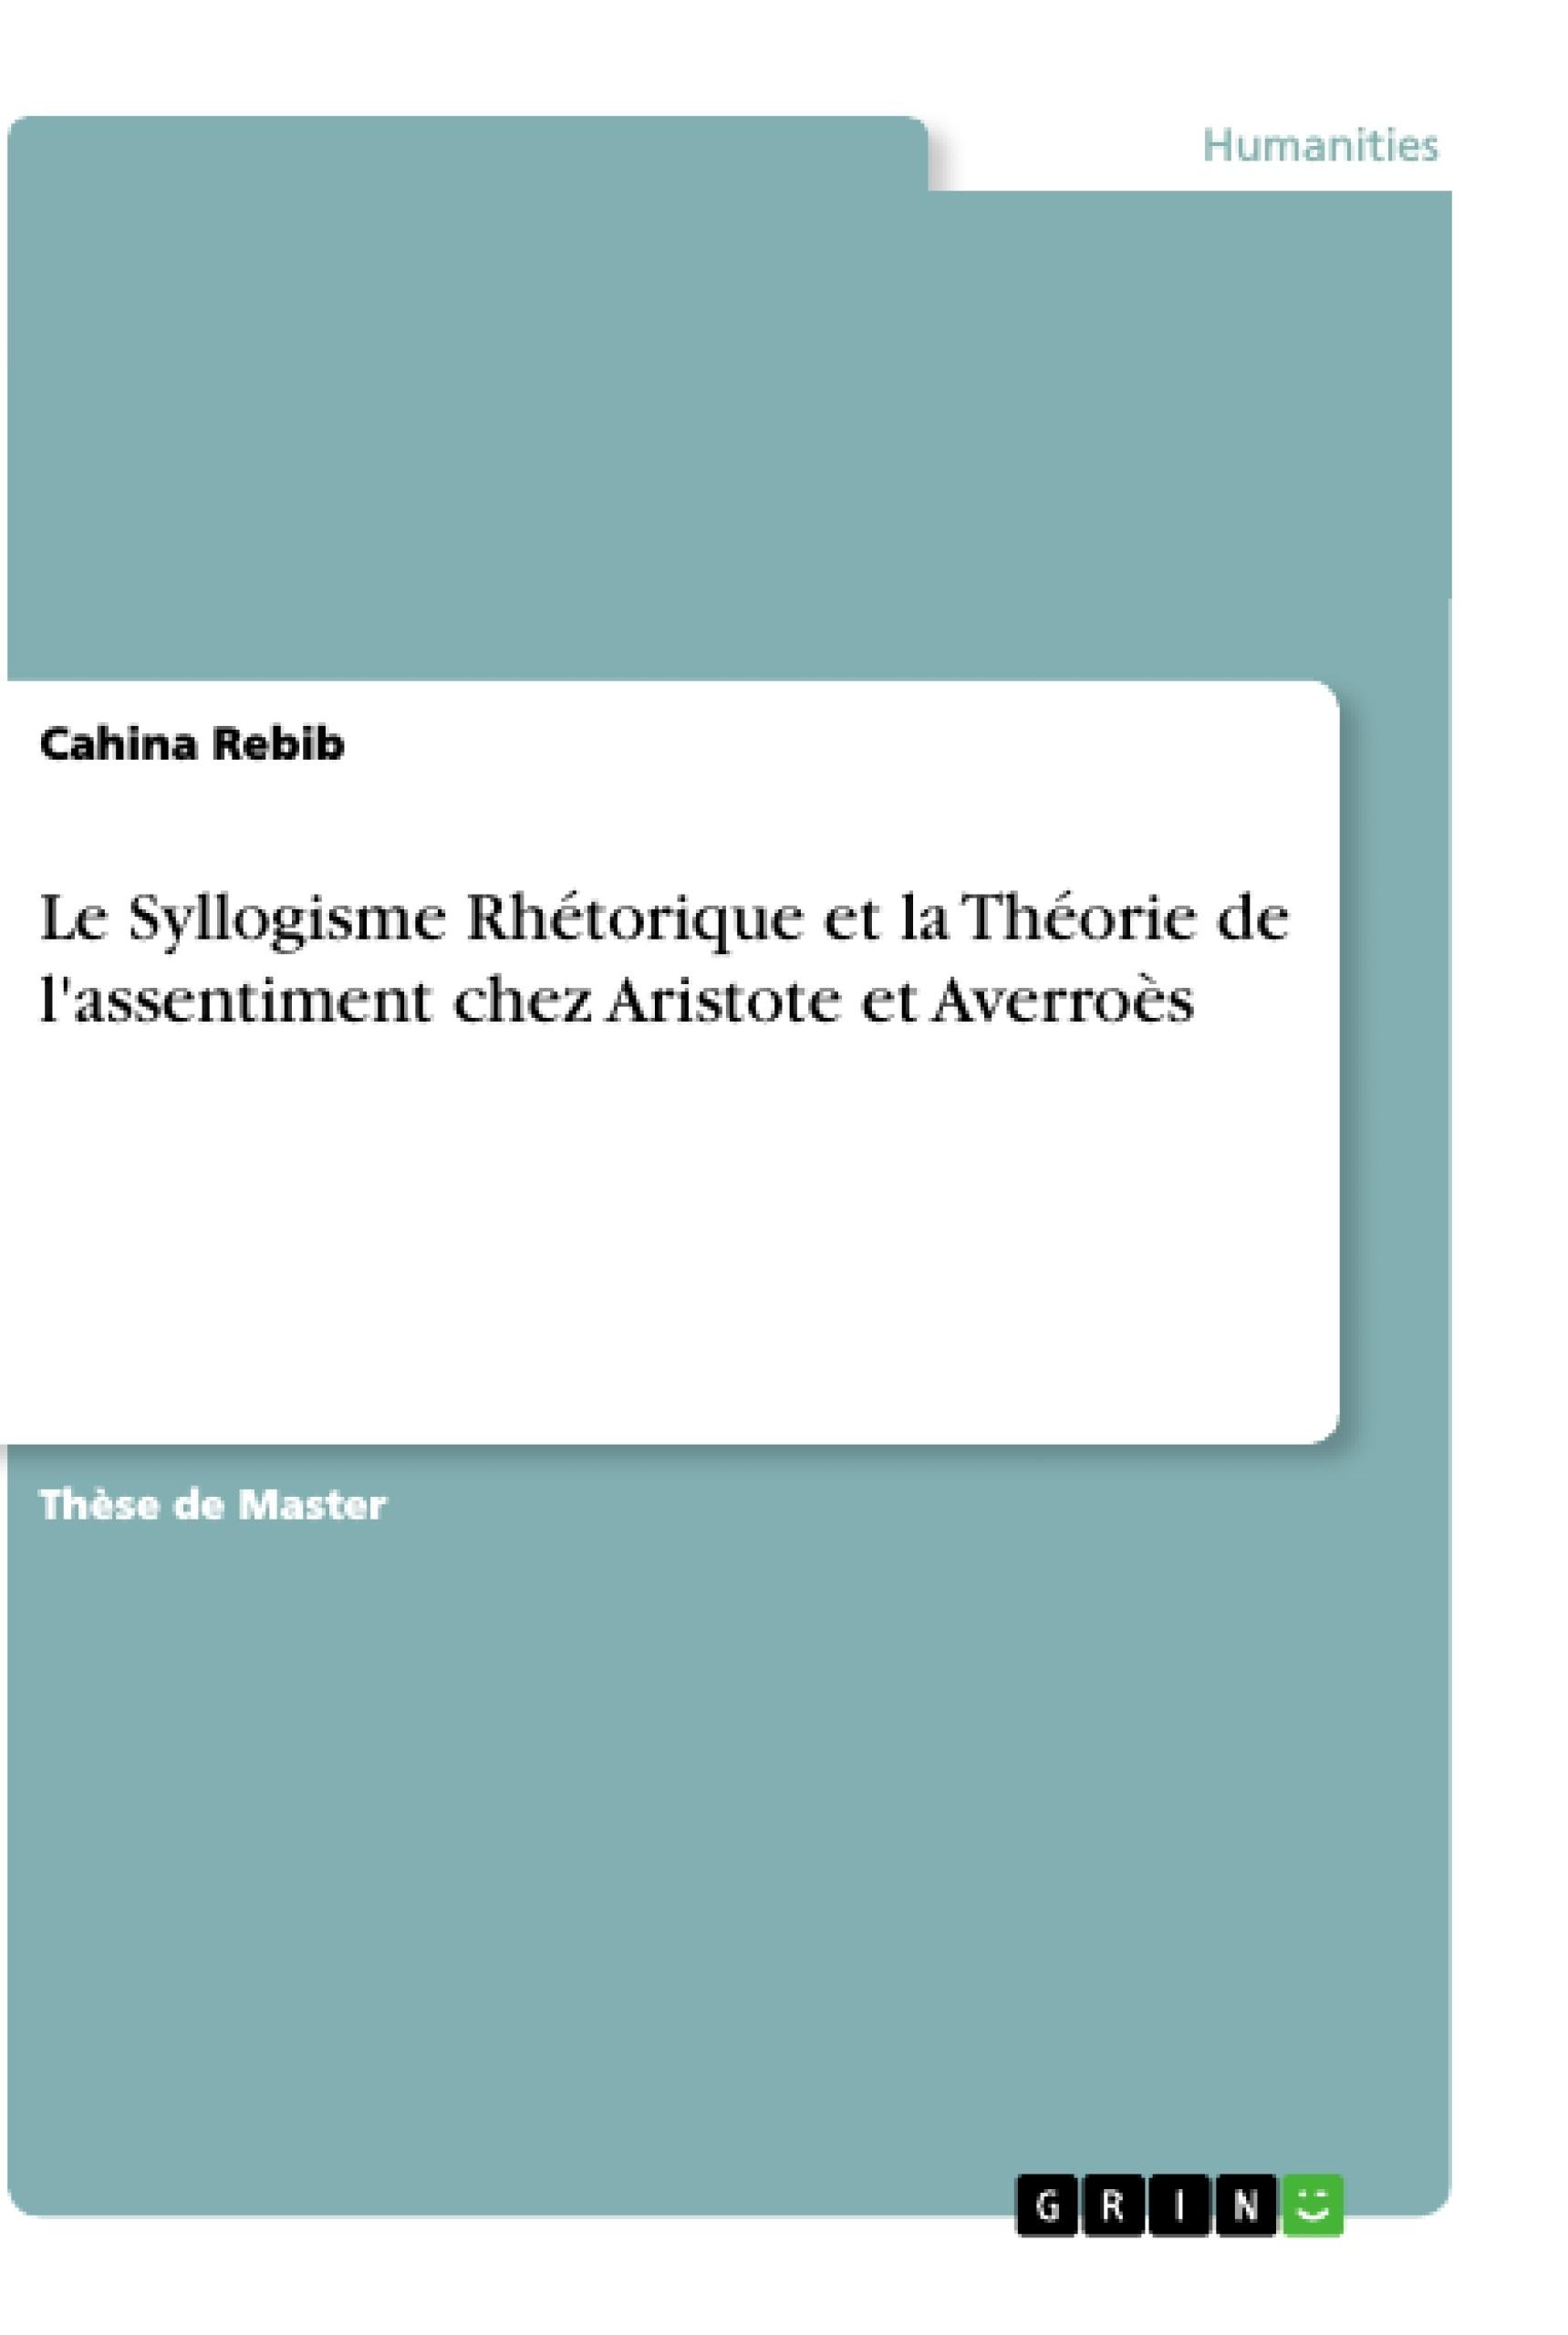 Titre: Le Syllogisme Rhétorique et la Théorie de l'assentiment chez Aristote et Averroès